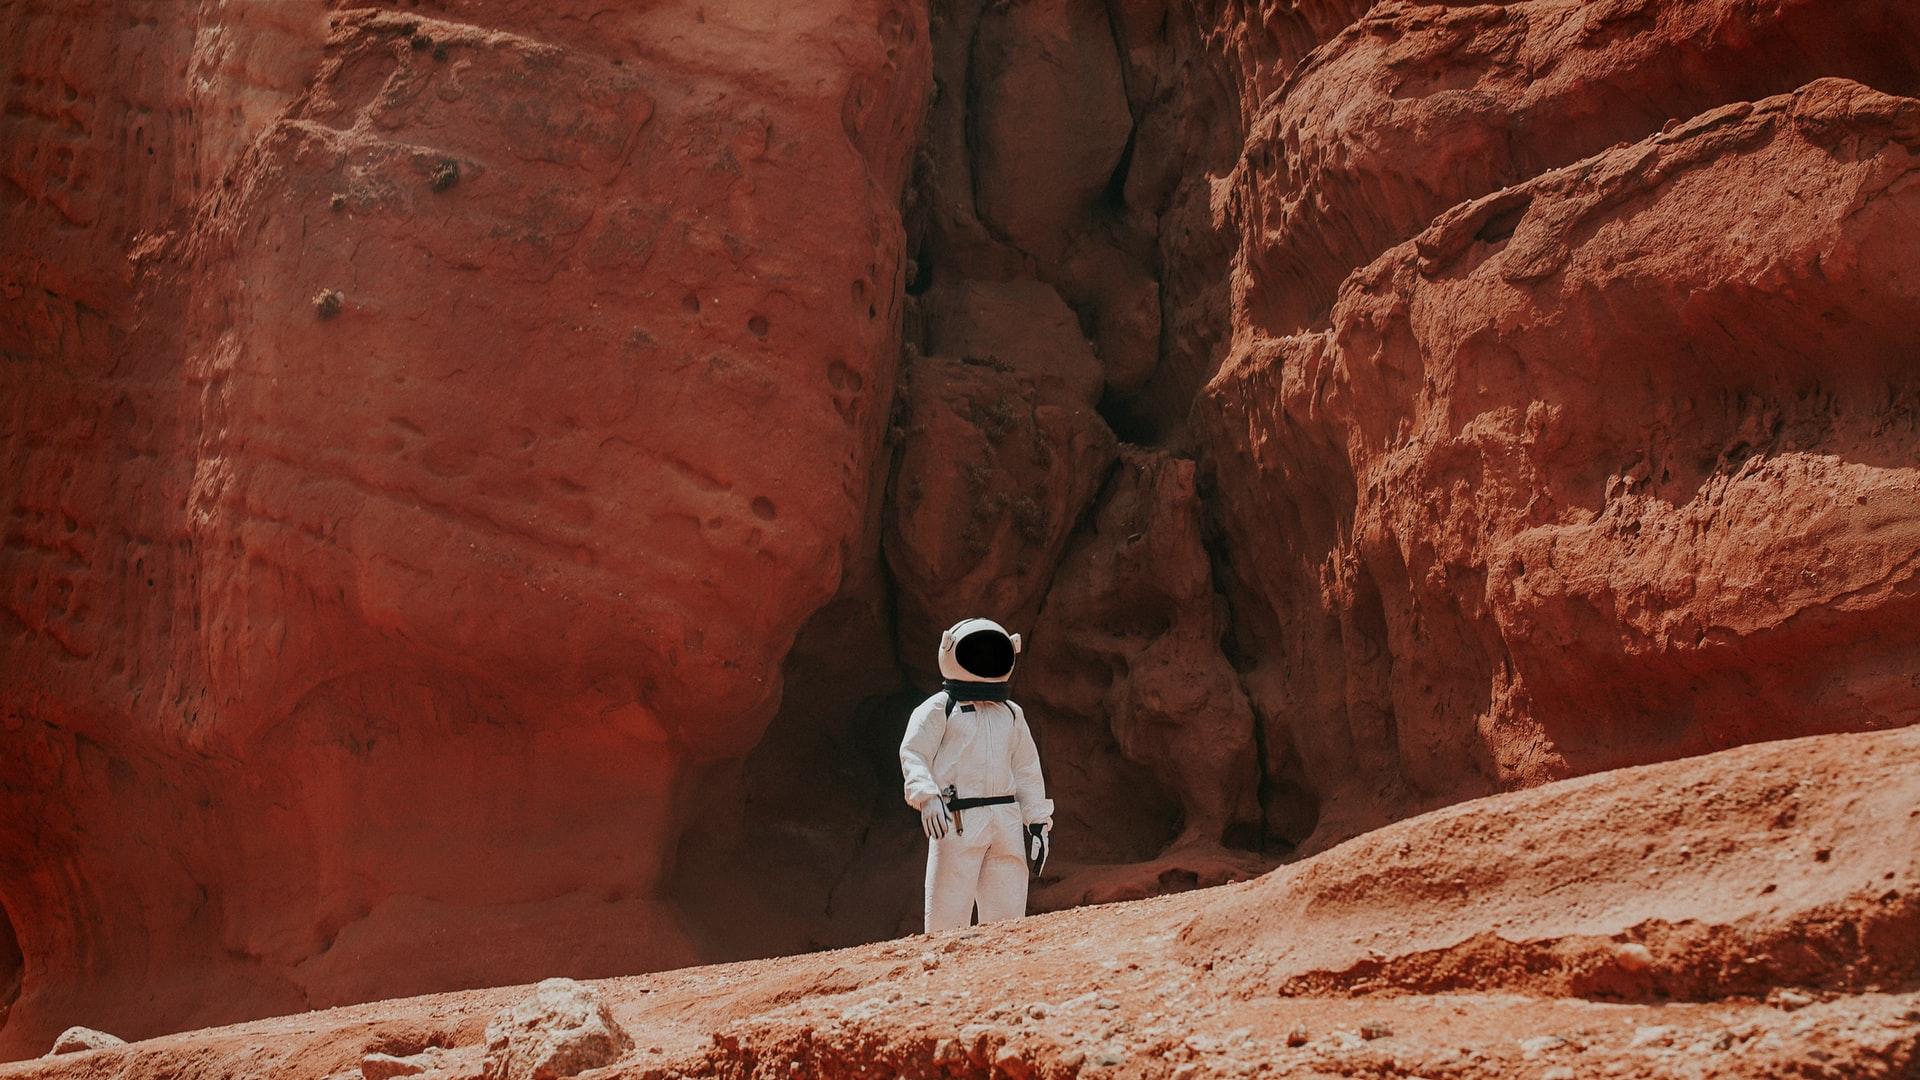 Jézus a Marson, avagy van Isten egy másik bolygón?